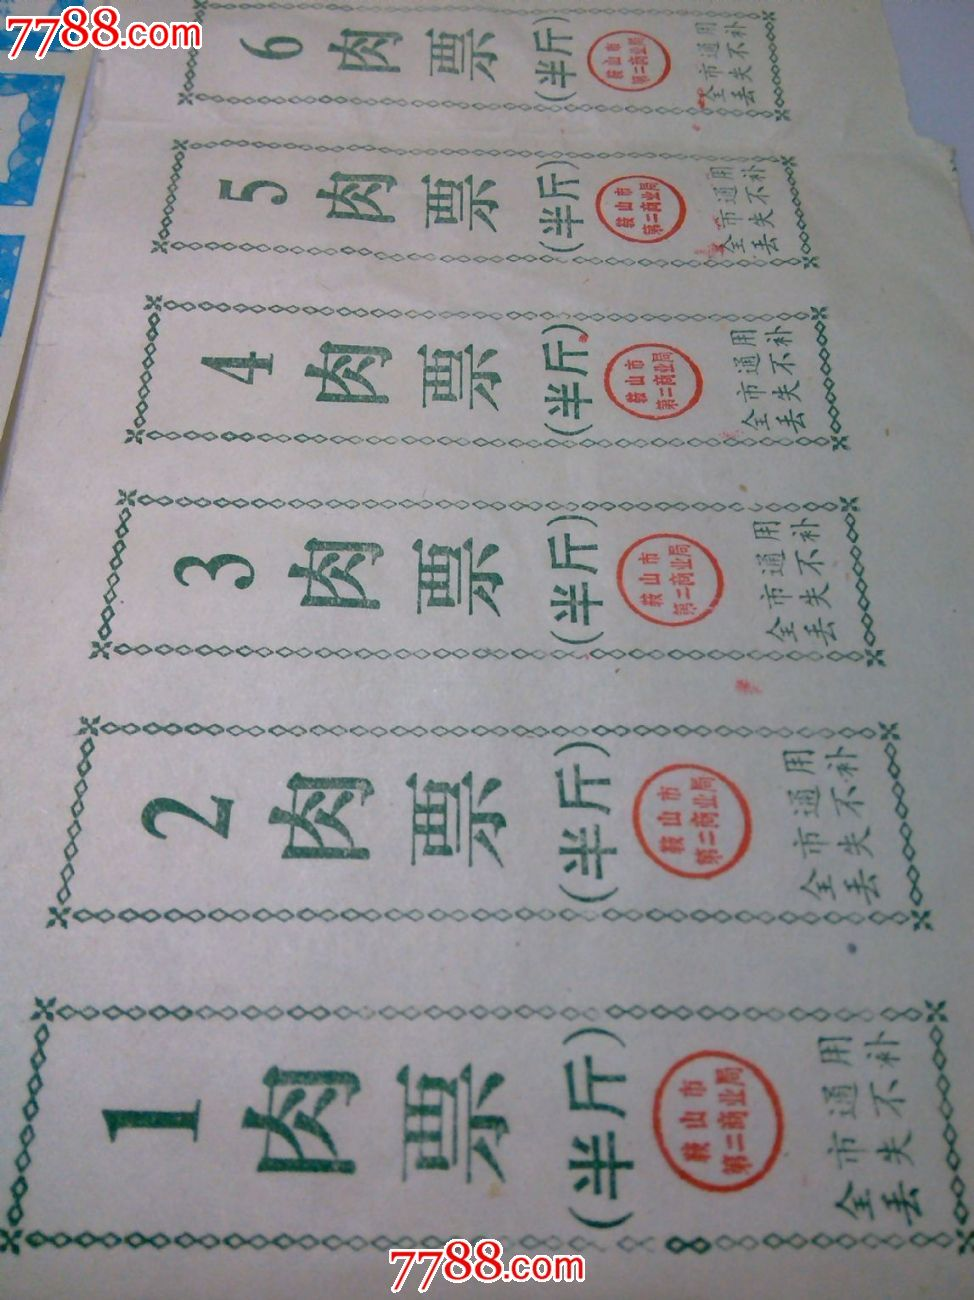 日本考虑发行肉票和鱼票